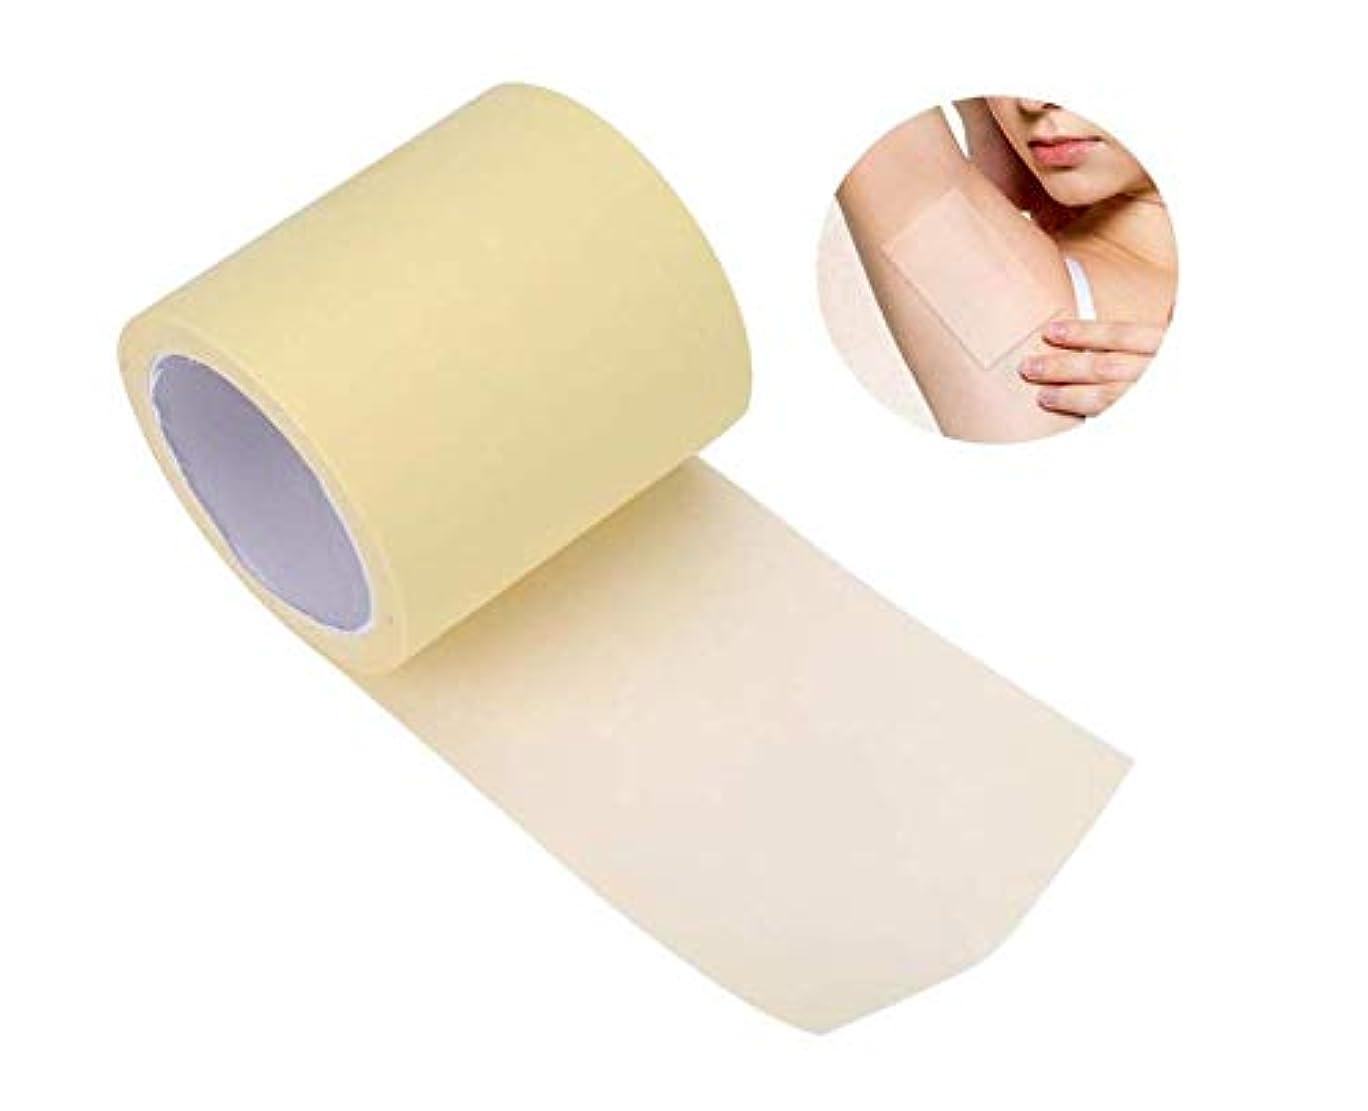 フォアマンバリア緊張Minmincats 脇の下汗パッド 汗止めパッド 皮膚に優しい 脇の汗染み防止 抗菌加工 皮膚に優しい 男性/女性対応 透明 全長6m